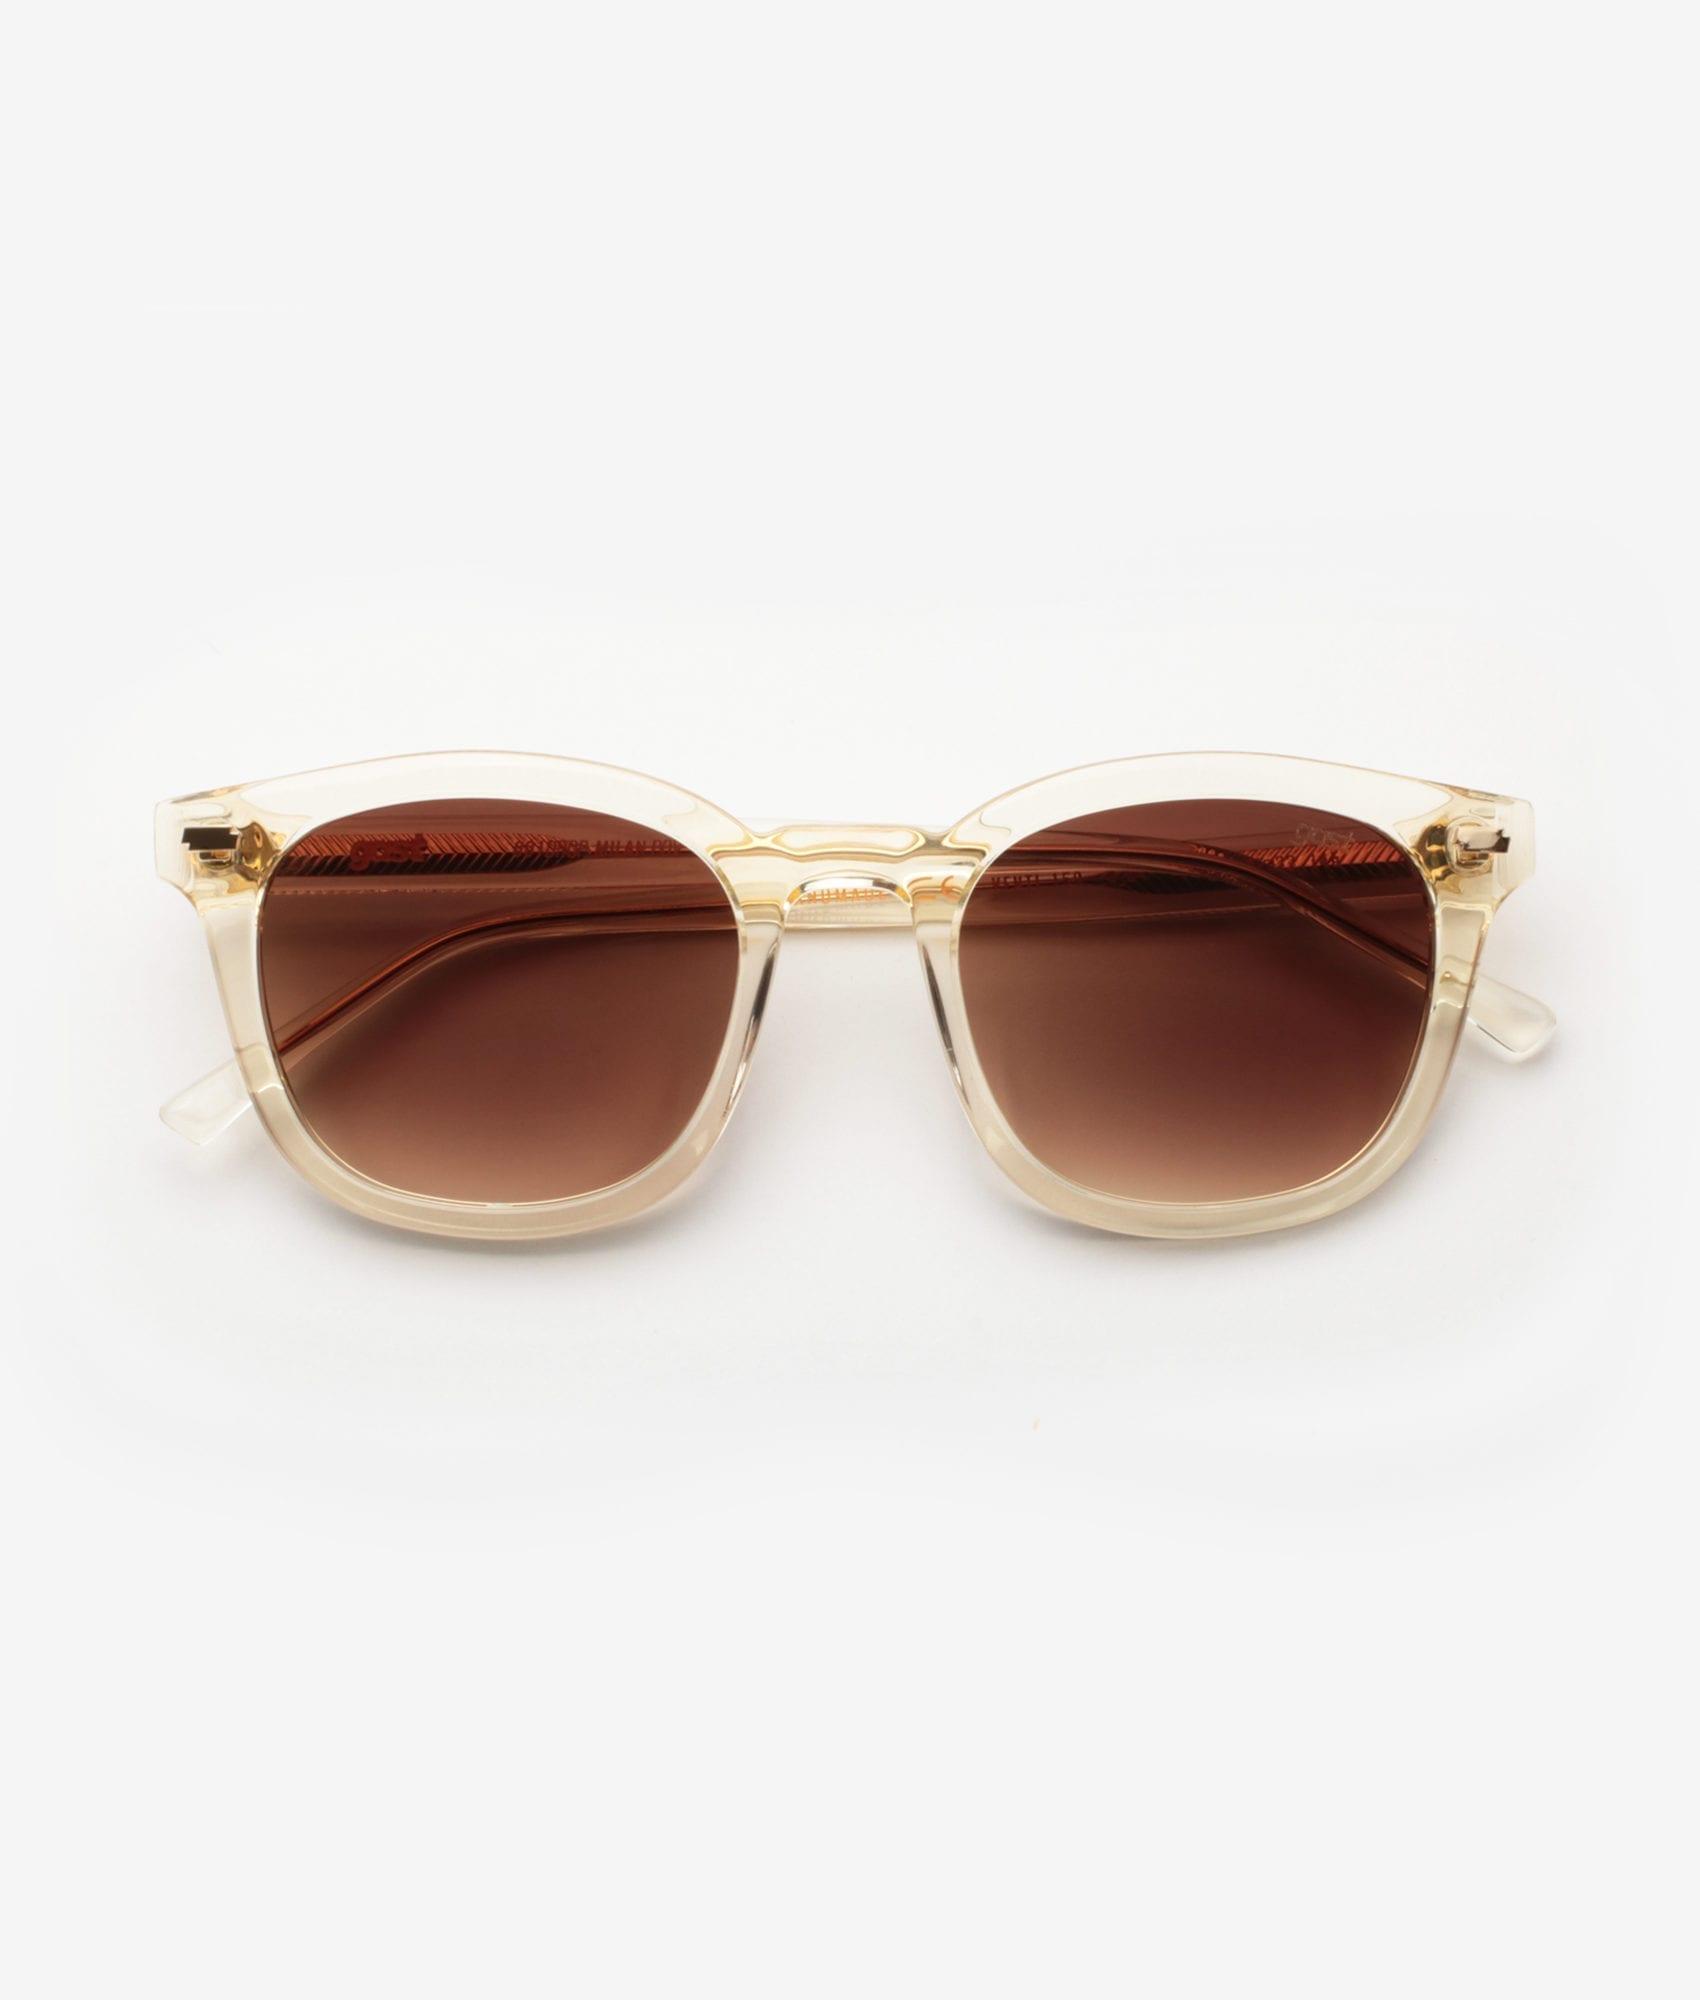 VENTI 159 Champagne Gast Sunglasses